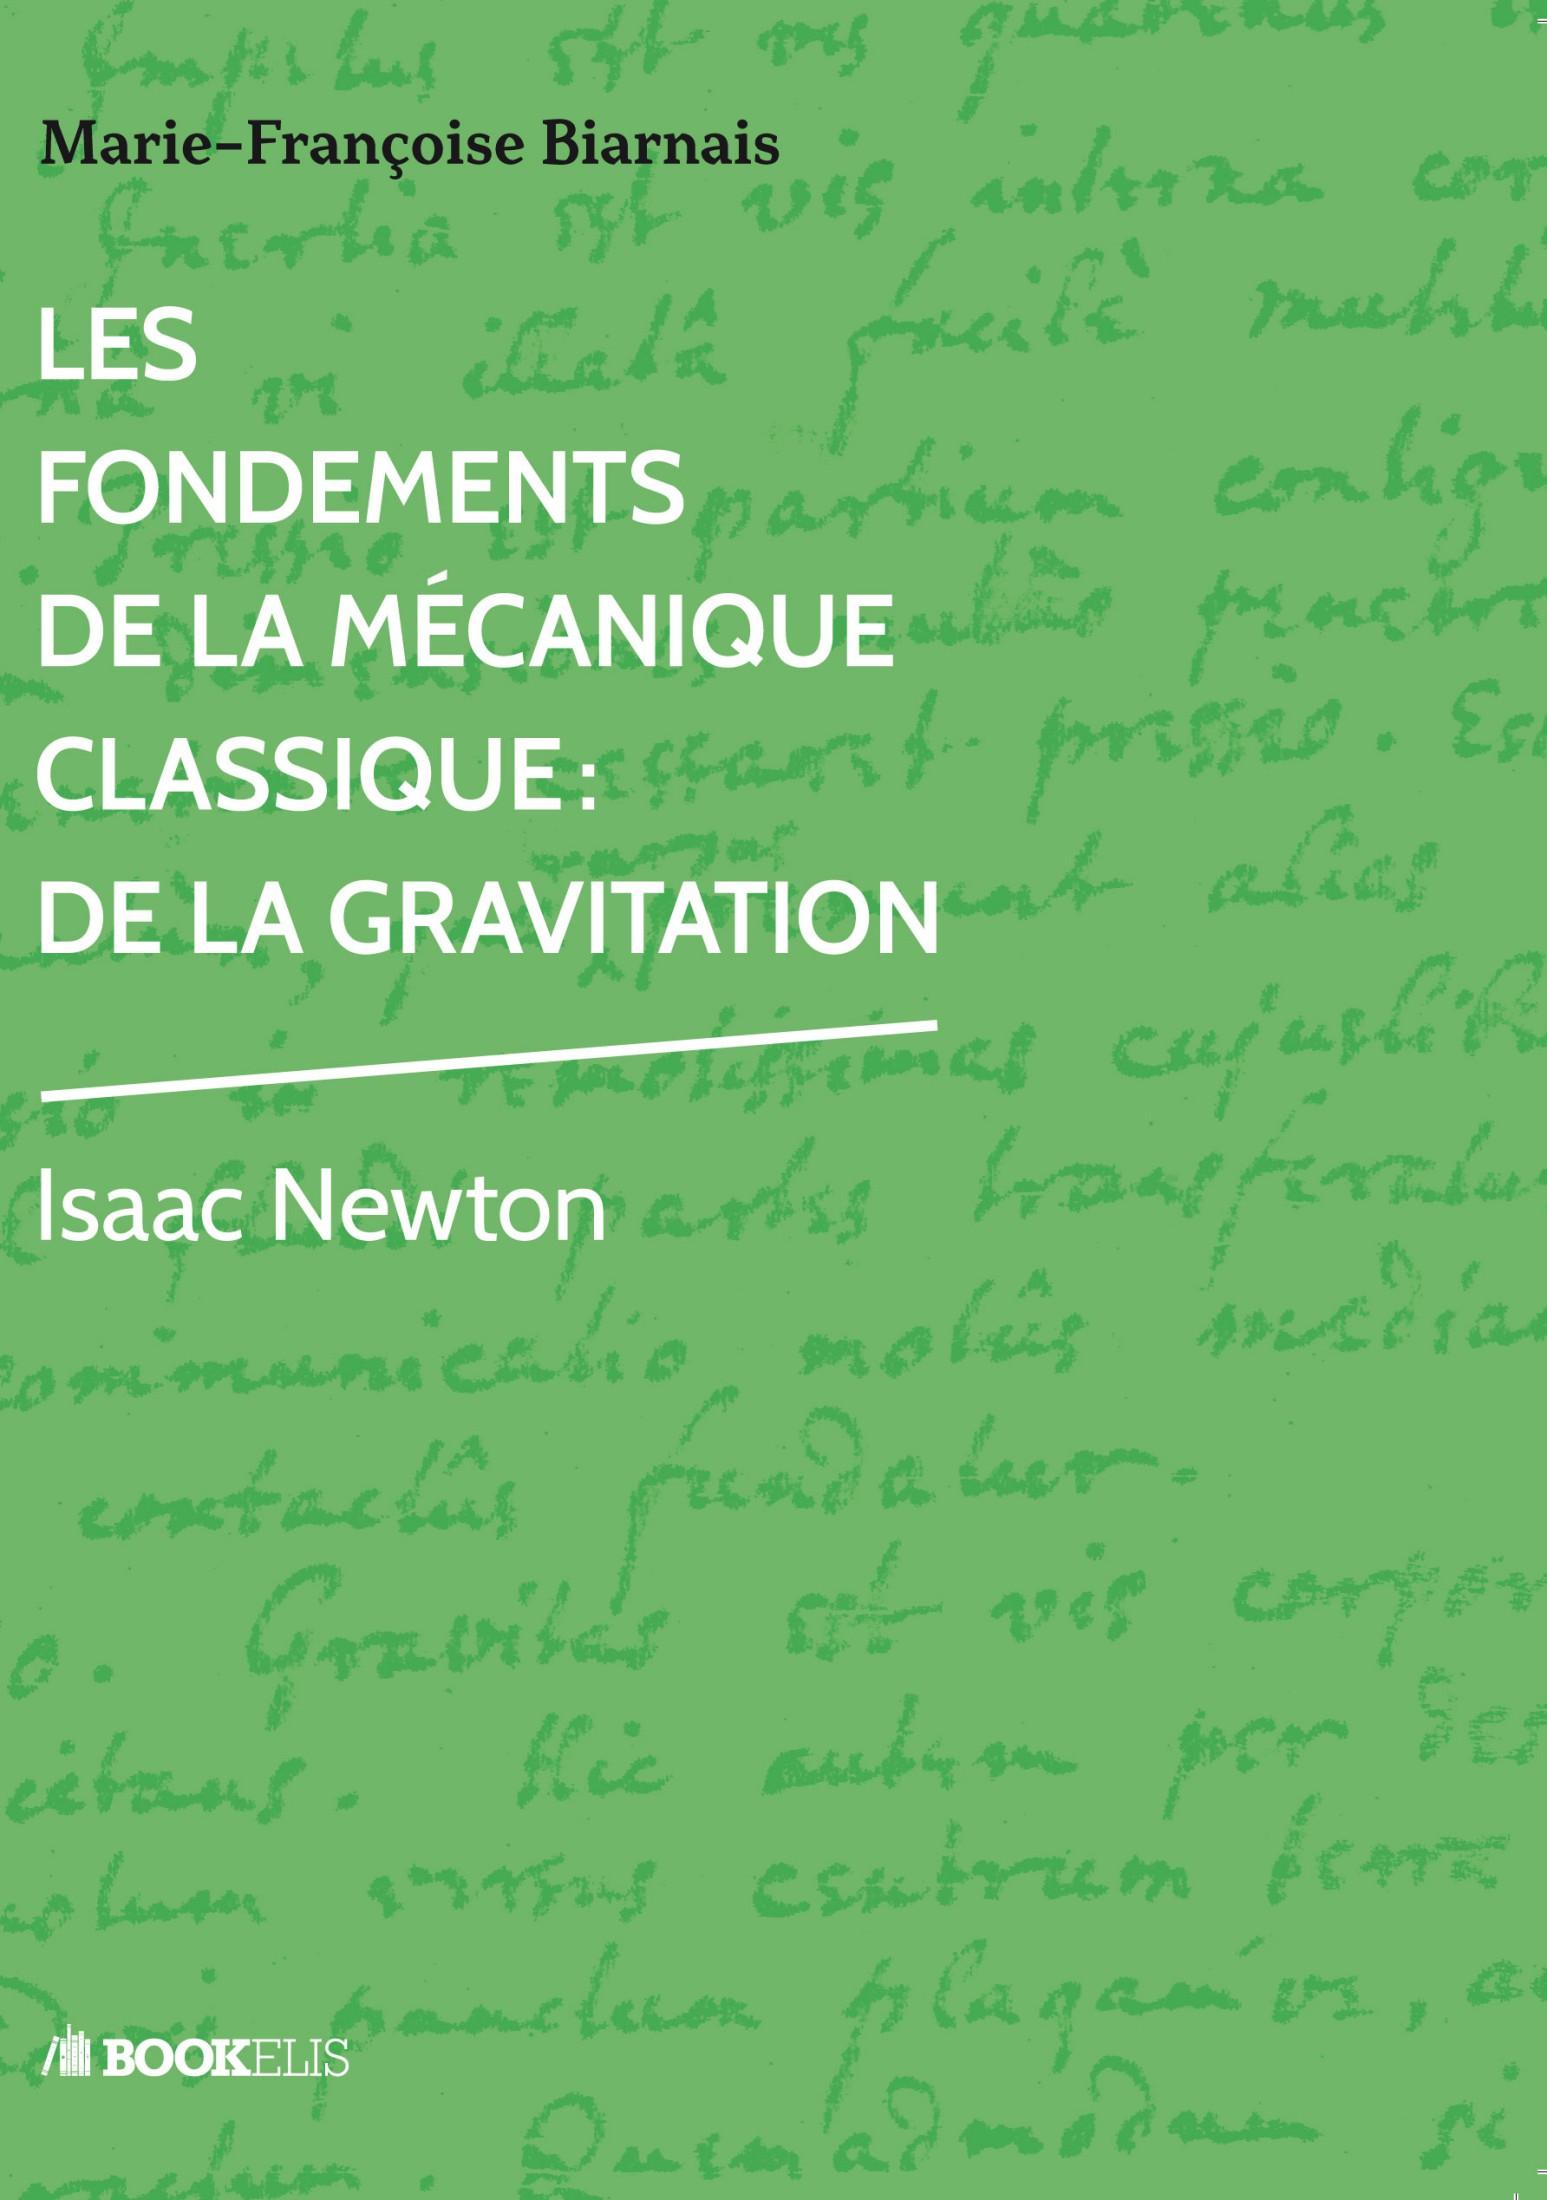 Les Fondements de la Mécanique Classique, De la gravitation. Isaac Newton